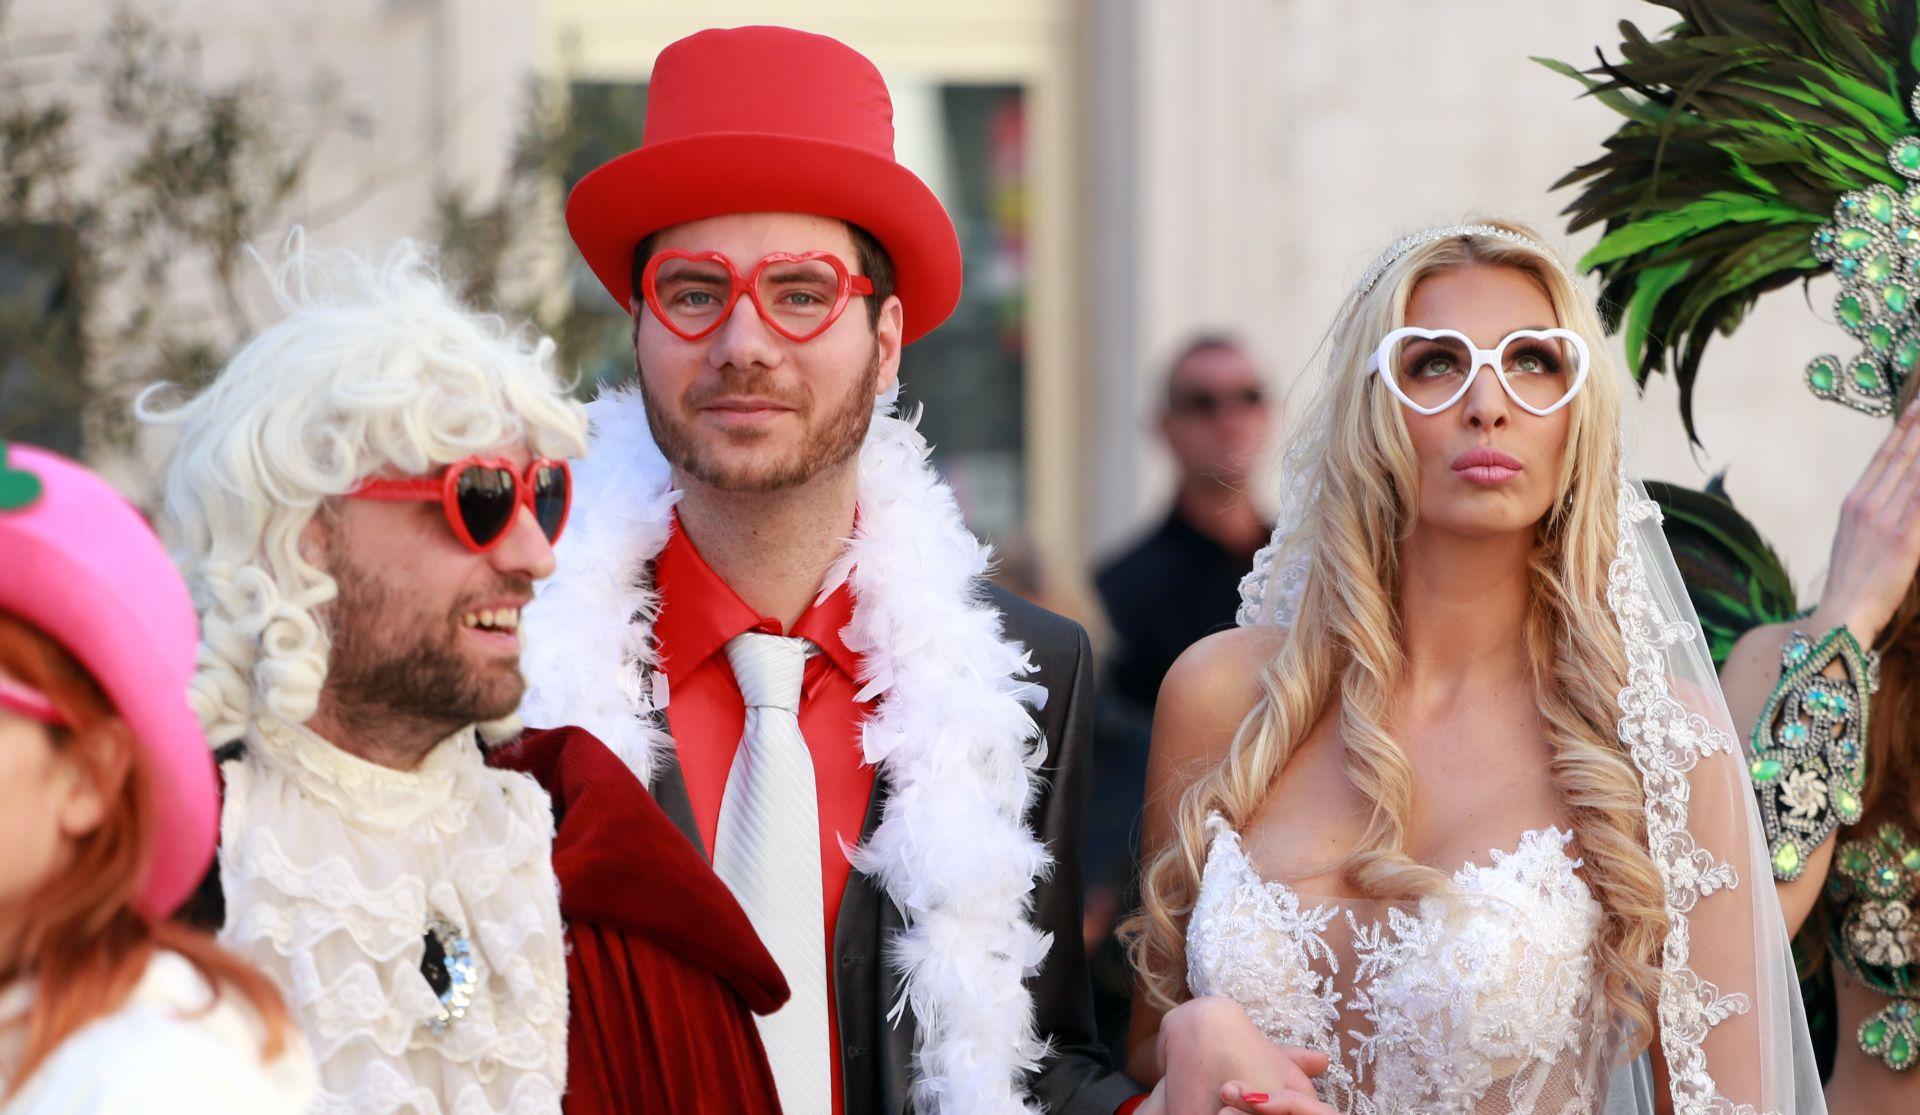 Otvoren Splitski krnjeval – na Rivi 'krnjevalsko vjenčanje' Pernara i Ave Karabatić